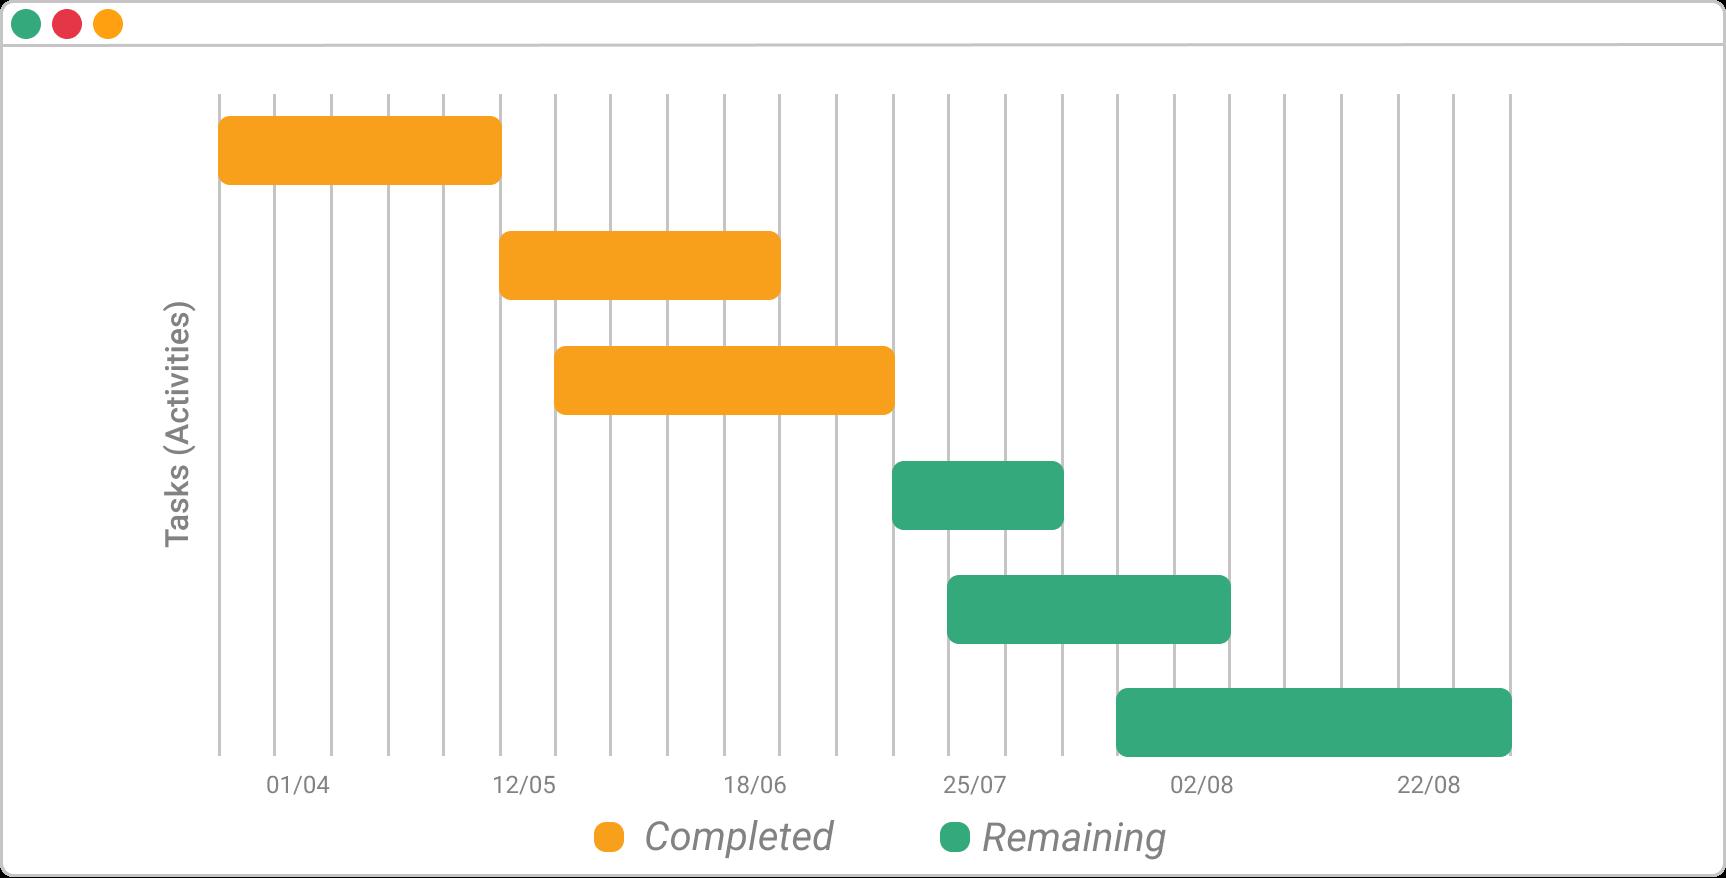 Beispiel für ein Gantt-Diagramm